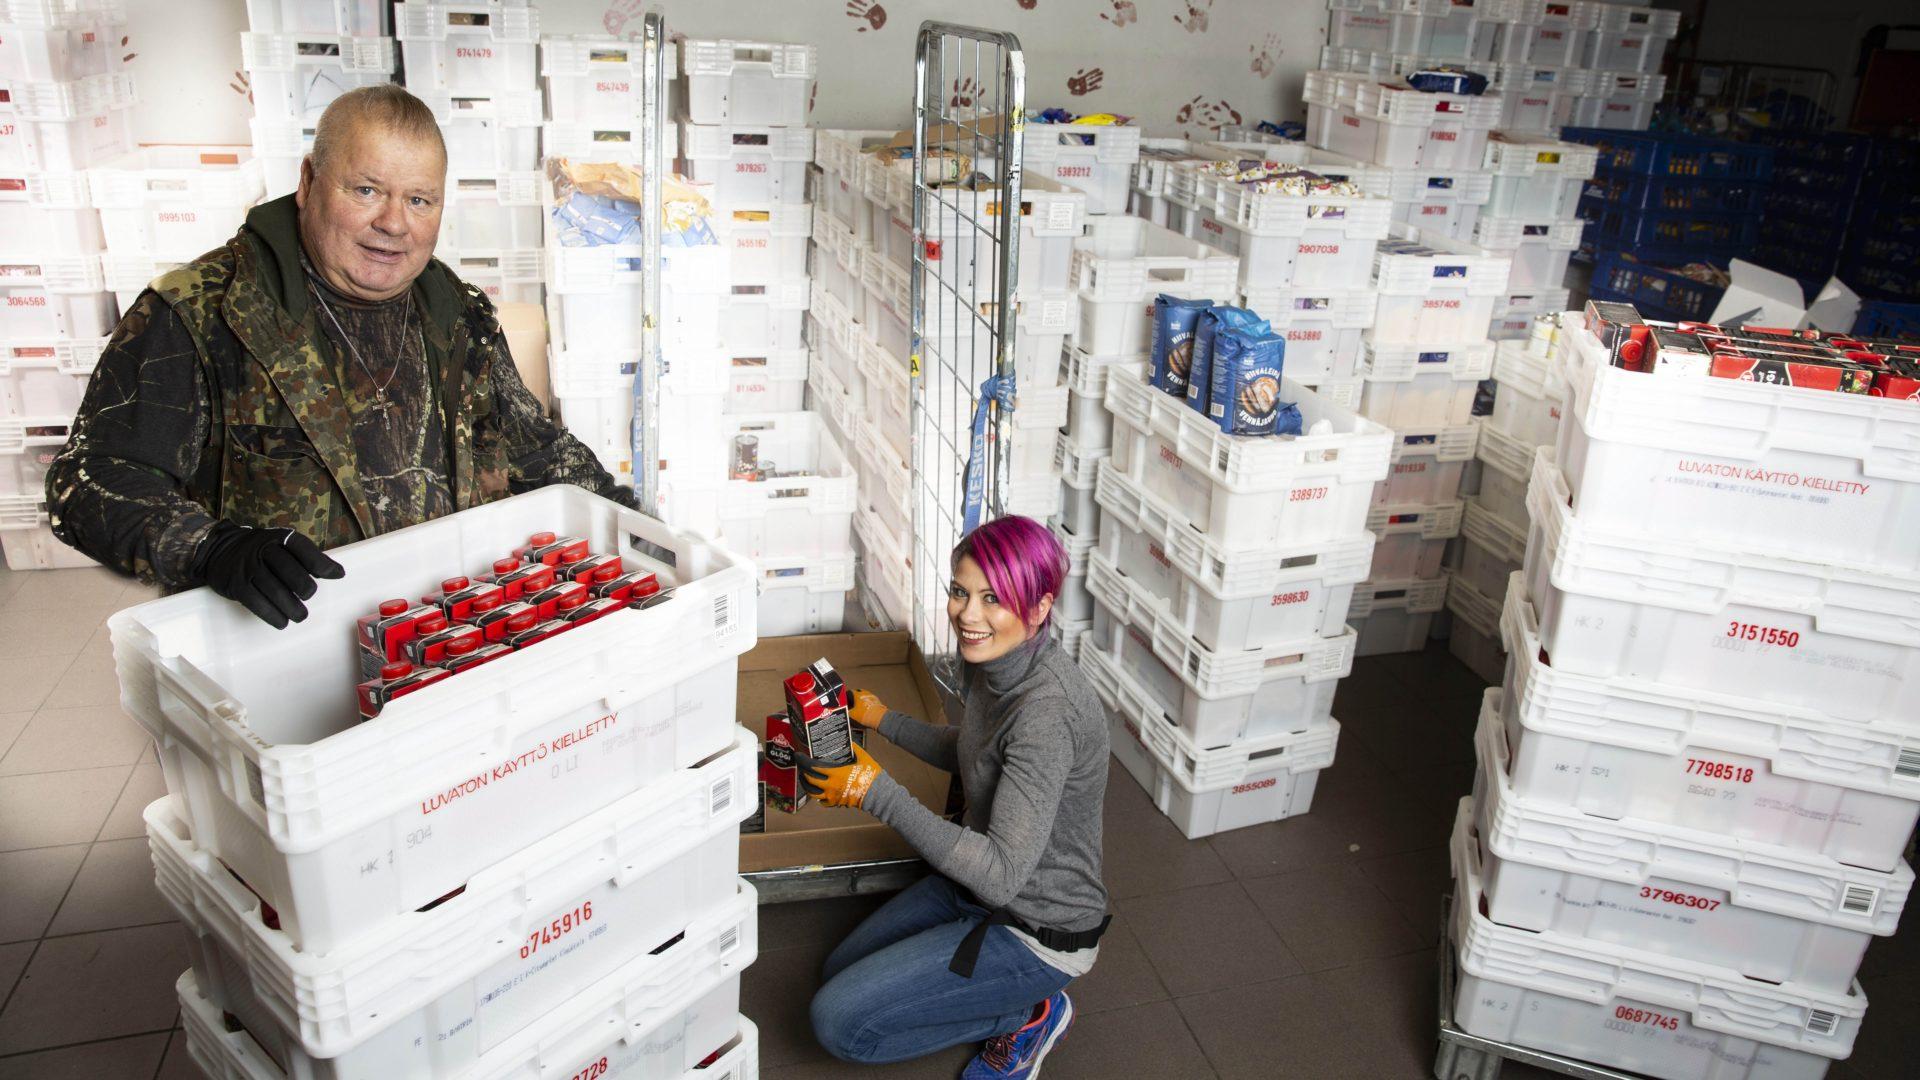 Ennen kuin Sini ja Heikki Hursti pääsevät jakamaan ruoka-apua, kaikki tavara pitää siirtää rullakoista laatikoihin ja kassit pakata. Vapaaehtoisten ansiosta työtä ei tarvitse tehdä yötä myöten.